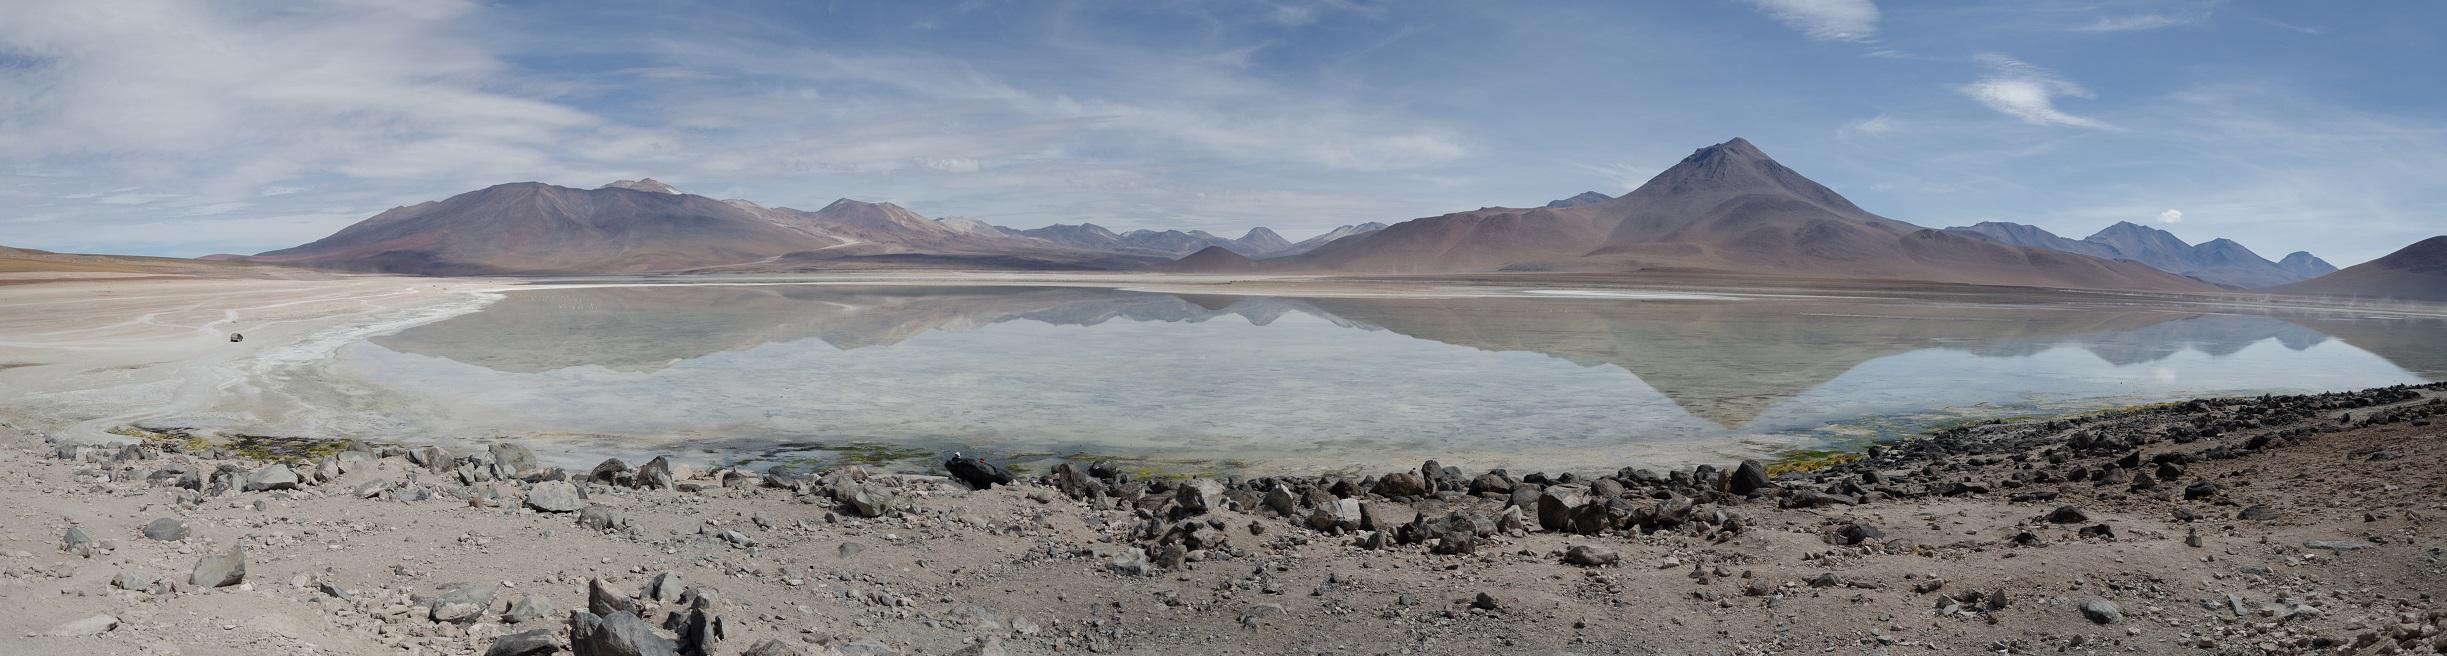 DSC_0052-Panorama